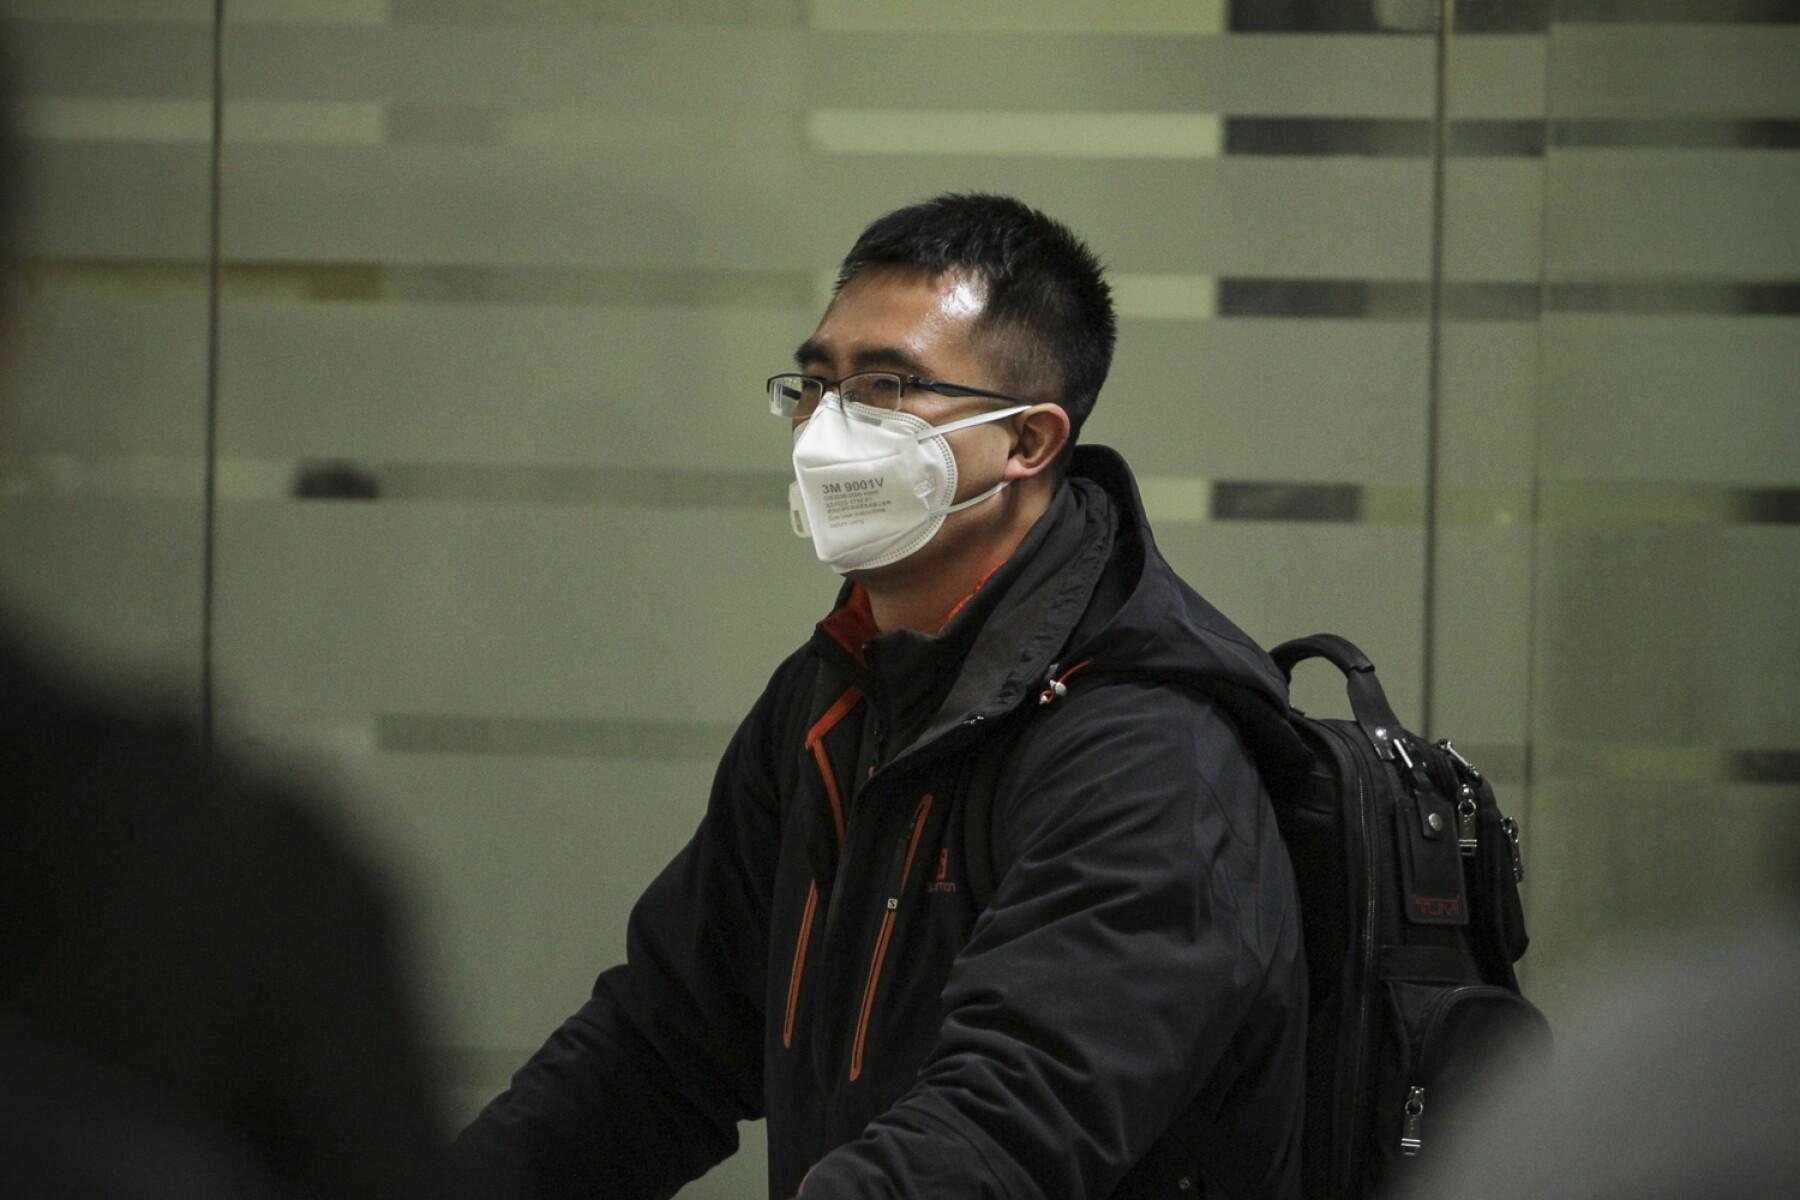 Aeropuerto de Veracruz obliga uso de cubrebocas hasta para estar en el avión